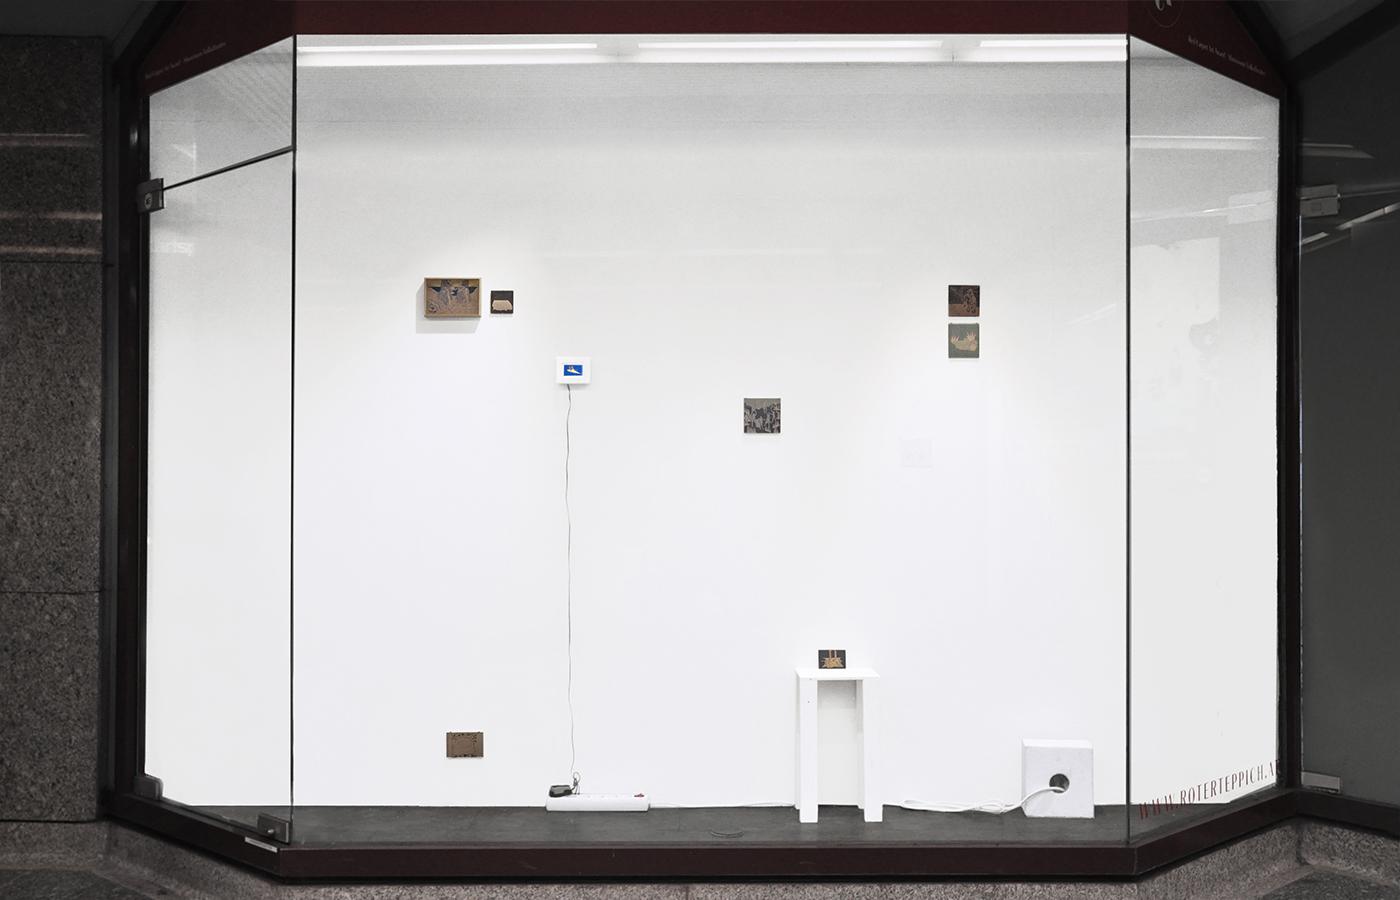 georg_pinteritch_exhibitionview